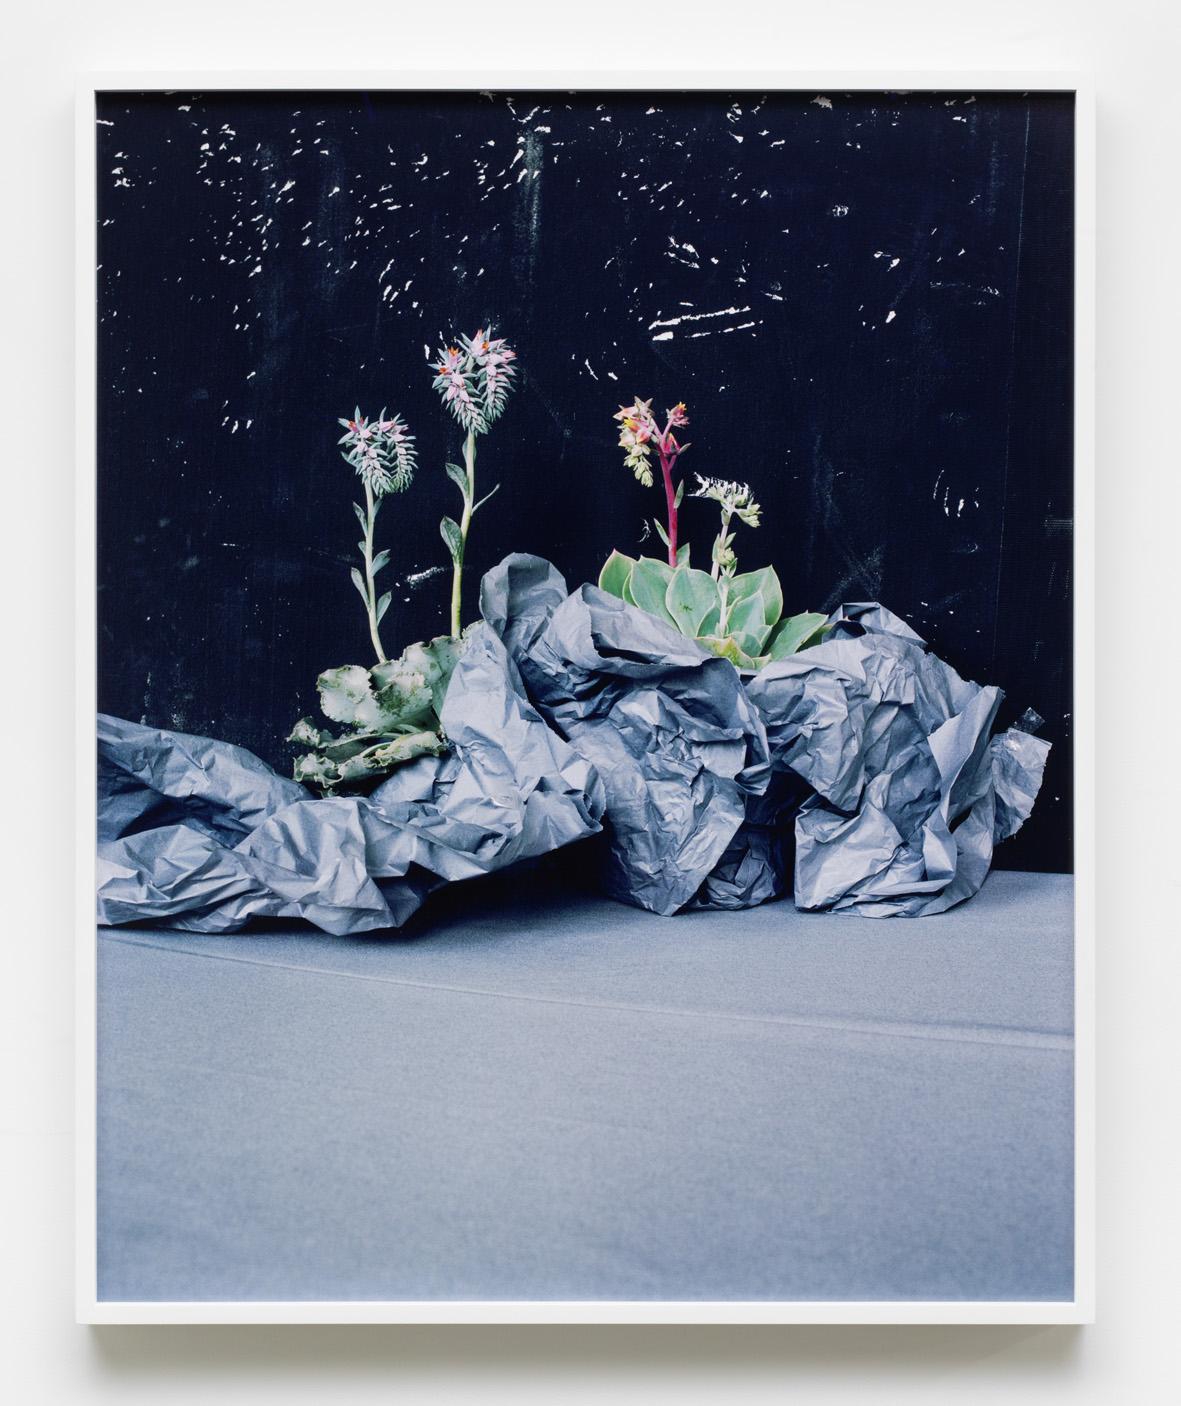 Desert Plants 2016 Archival pigment print, framed 86 x 70 cm / 33.8 x 27.5 in